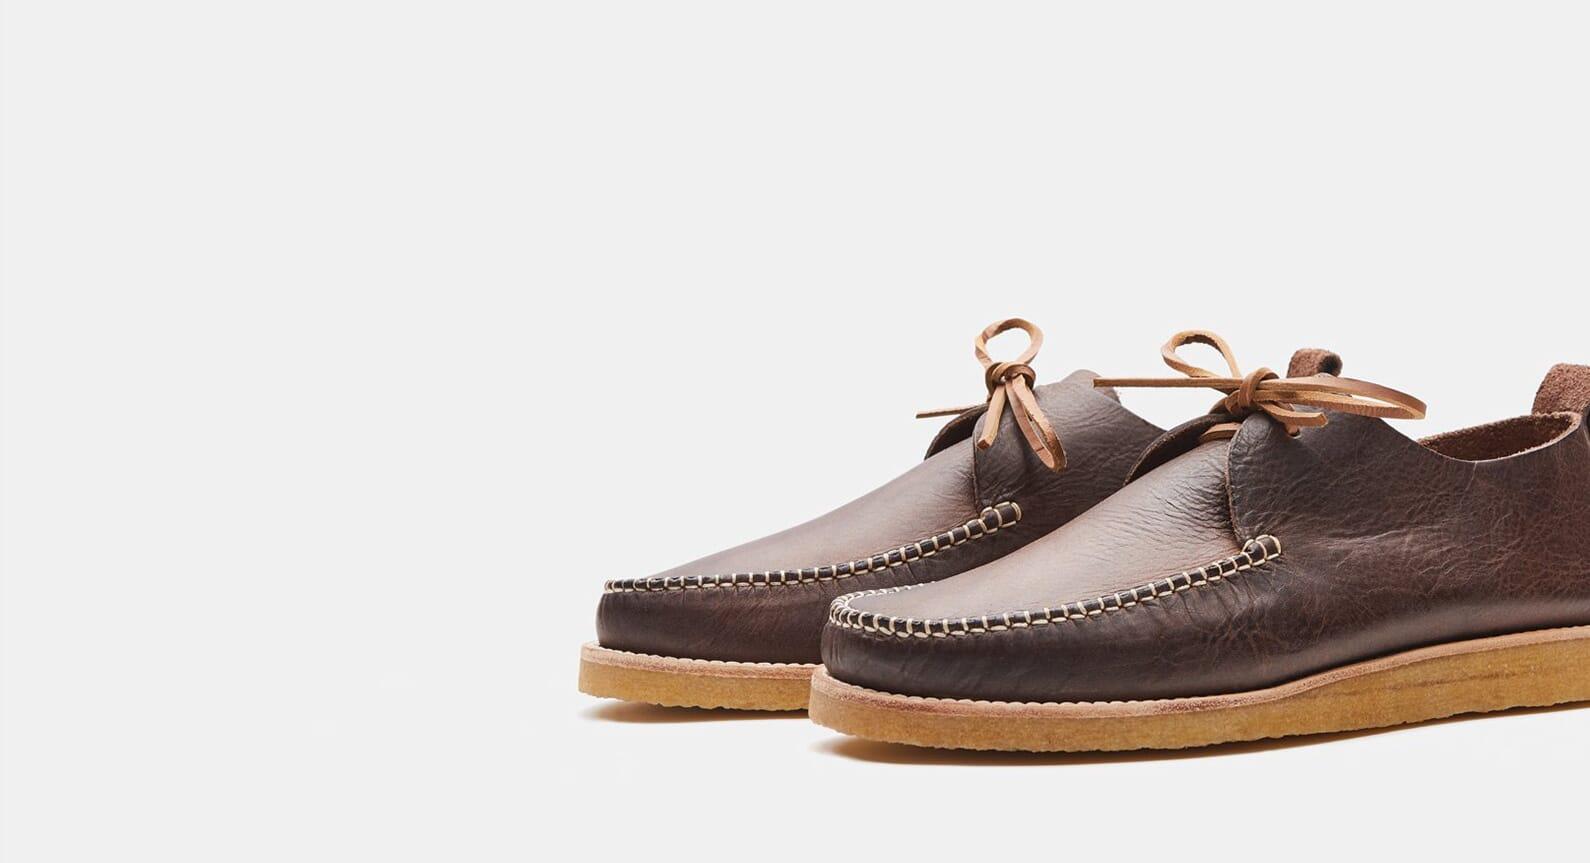 Yogi Footwear Review